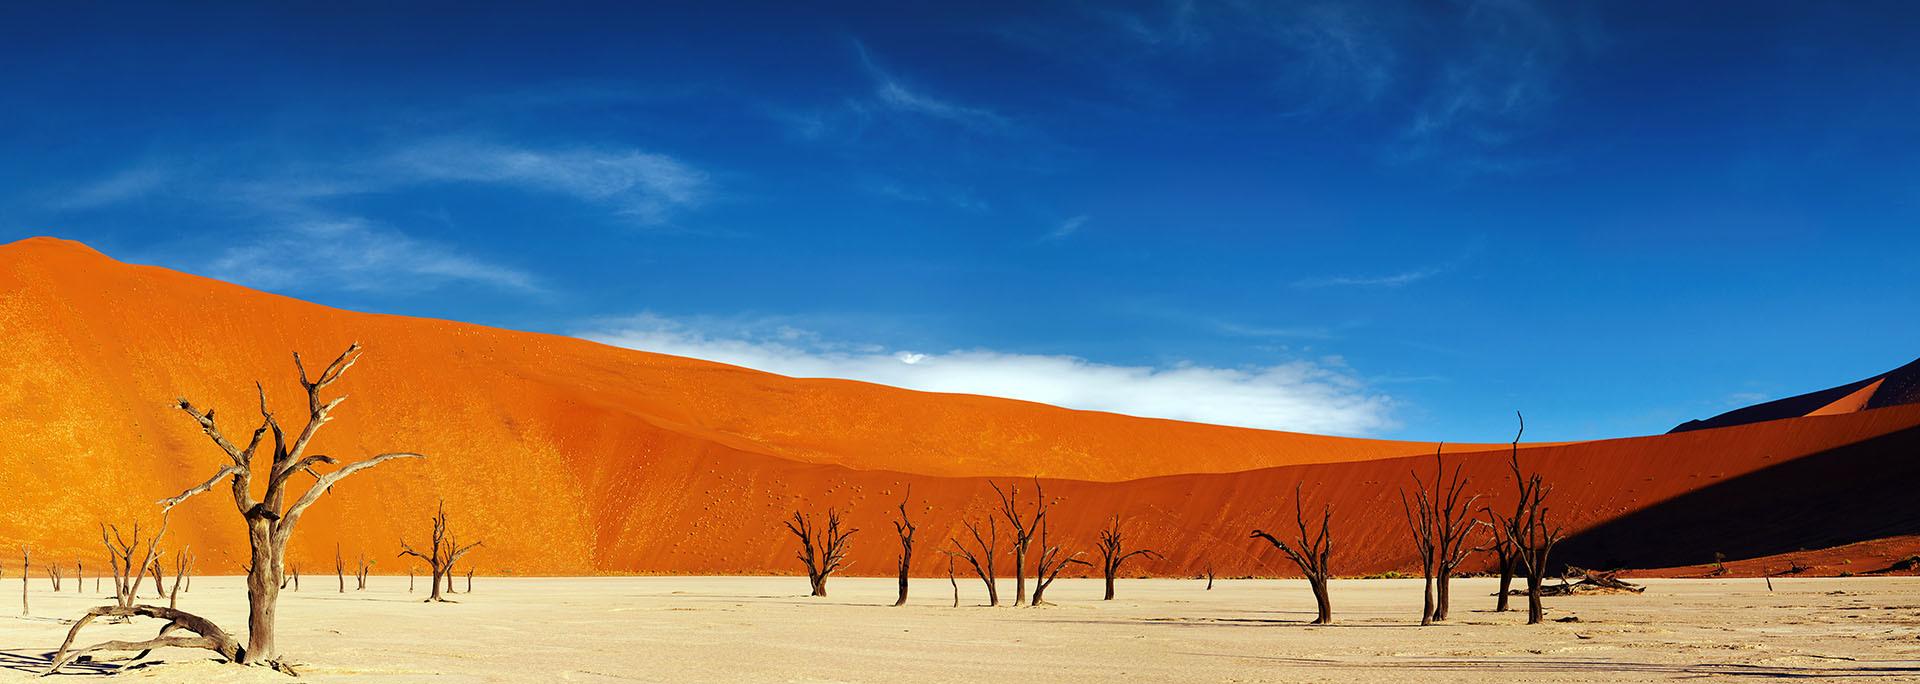 Dél-Afrika overland Namíbia, Botswana, Zimbabwe